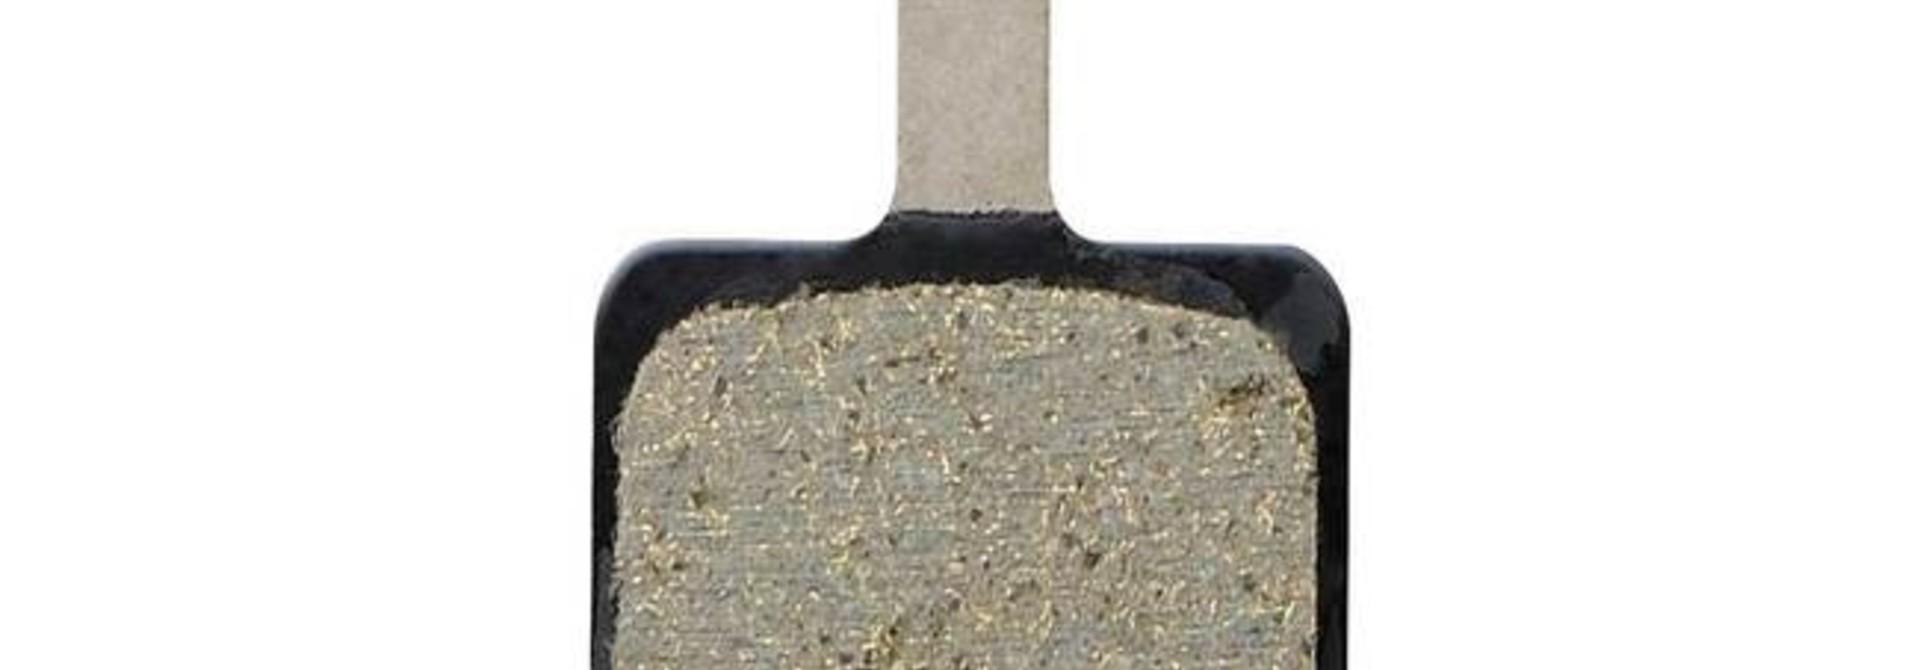 Shimano Brake Pad M05 Resin